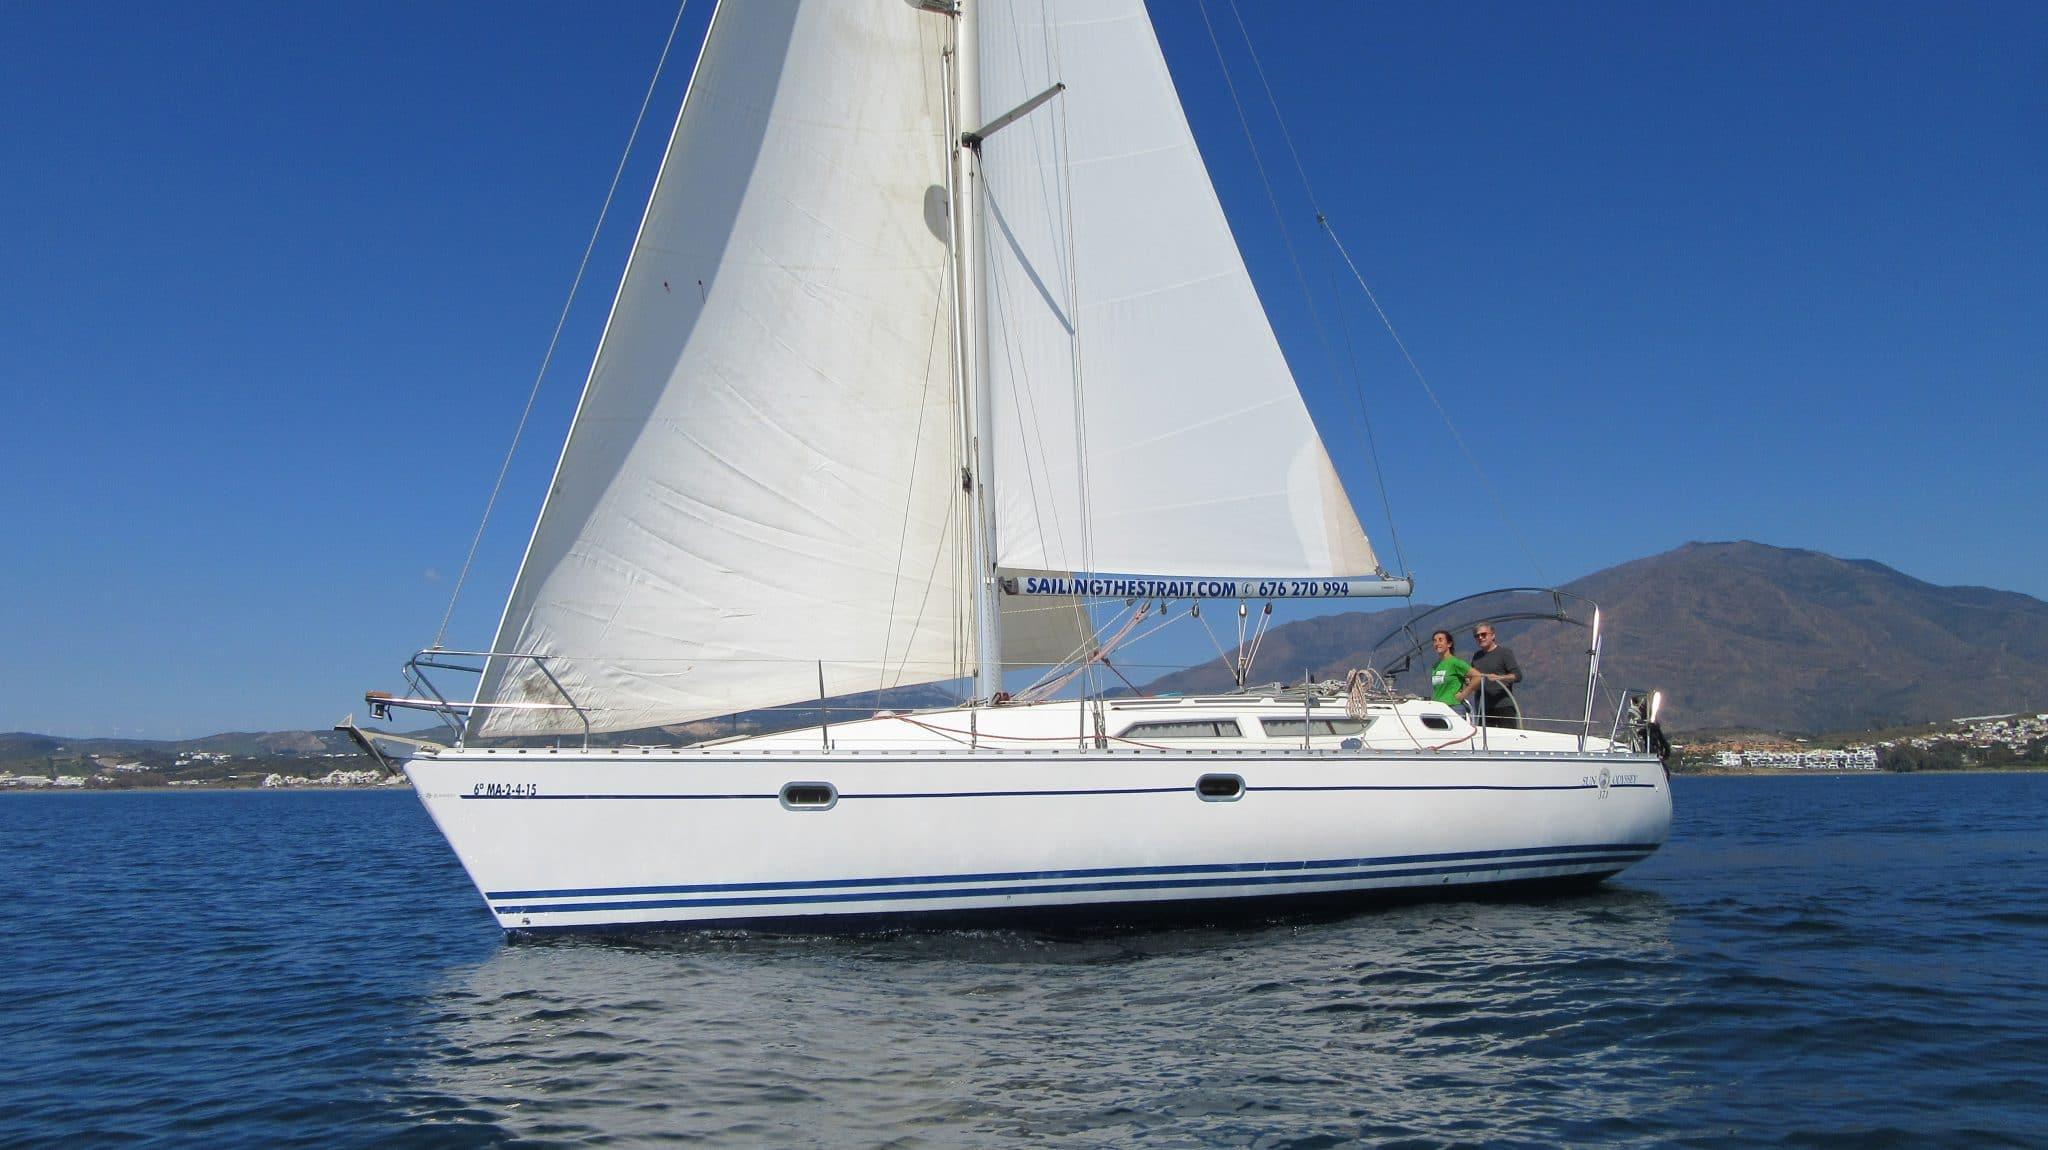 SailingTheStrait.com-Estepona-Day-charter-trips-sailing